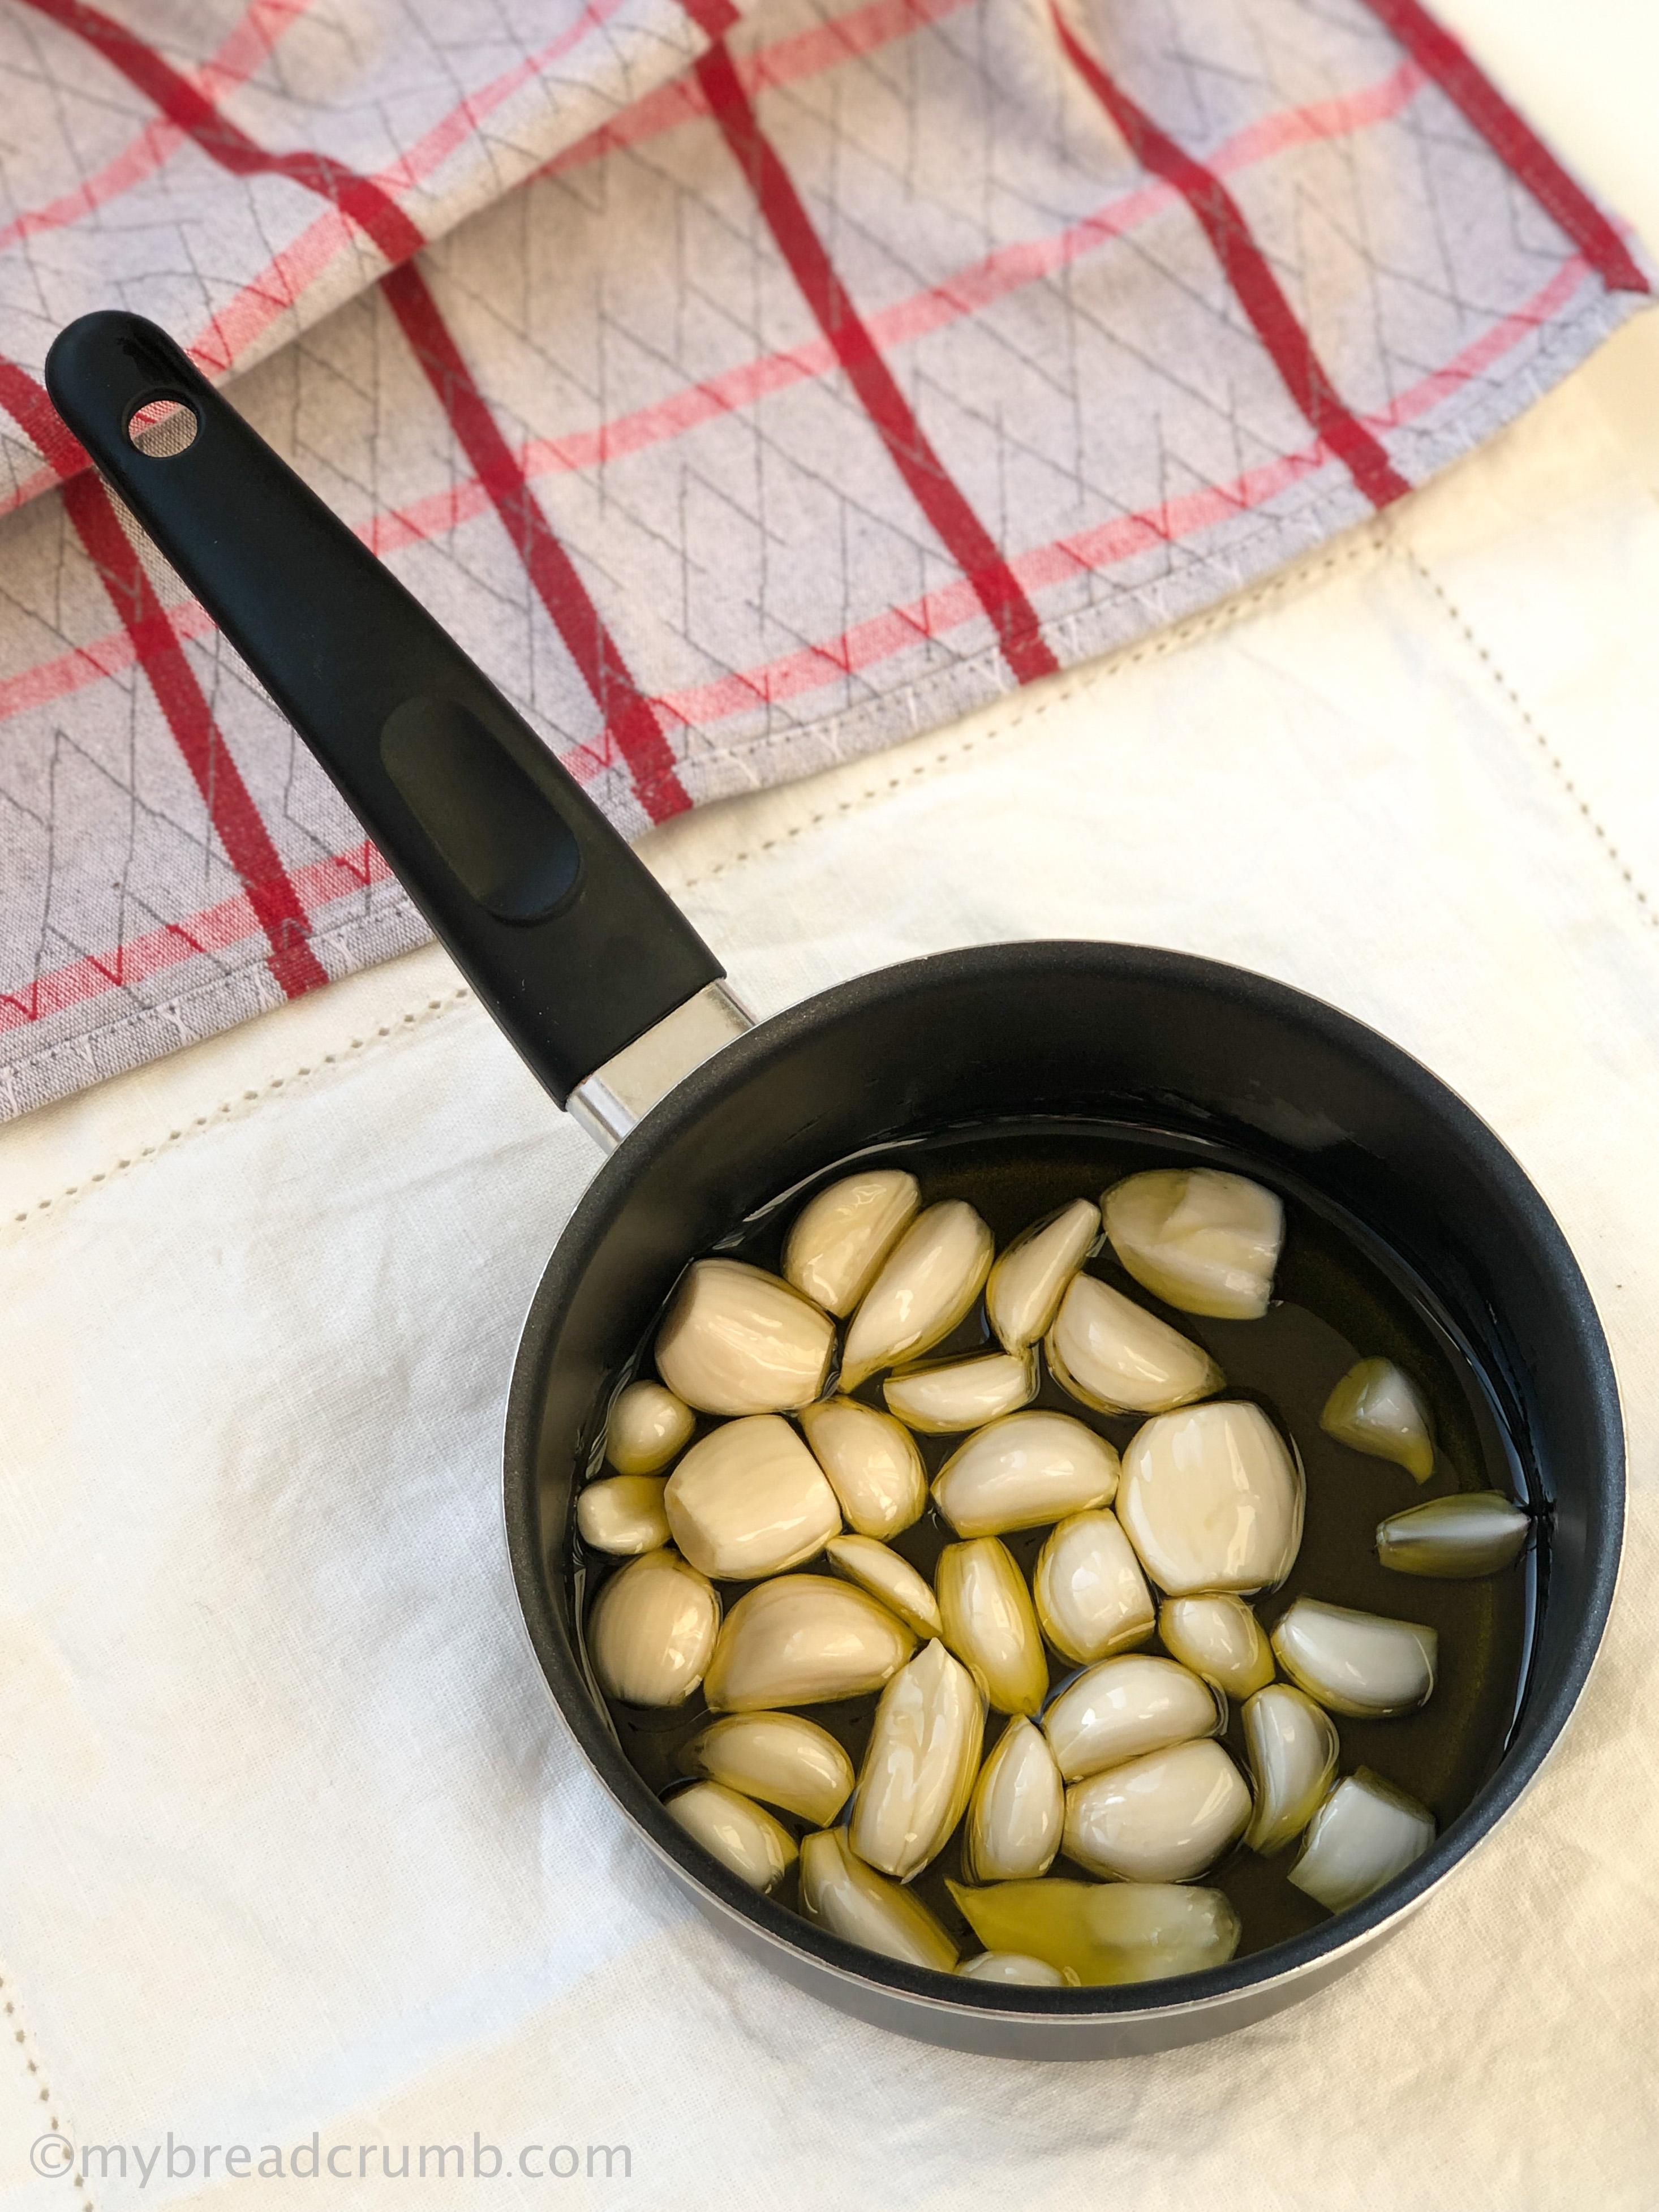 Черный сотейник с дольками чеснока в оливковом масле, готовые к приготовлению конфи